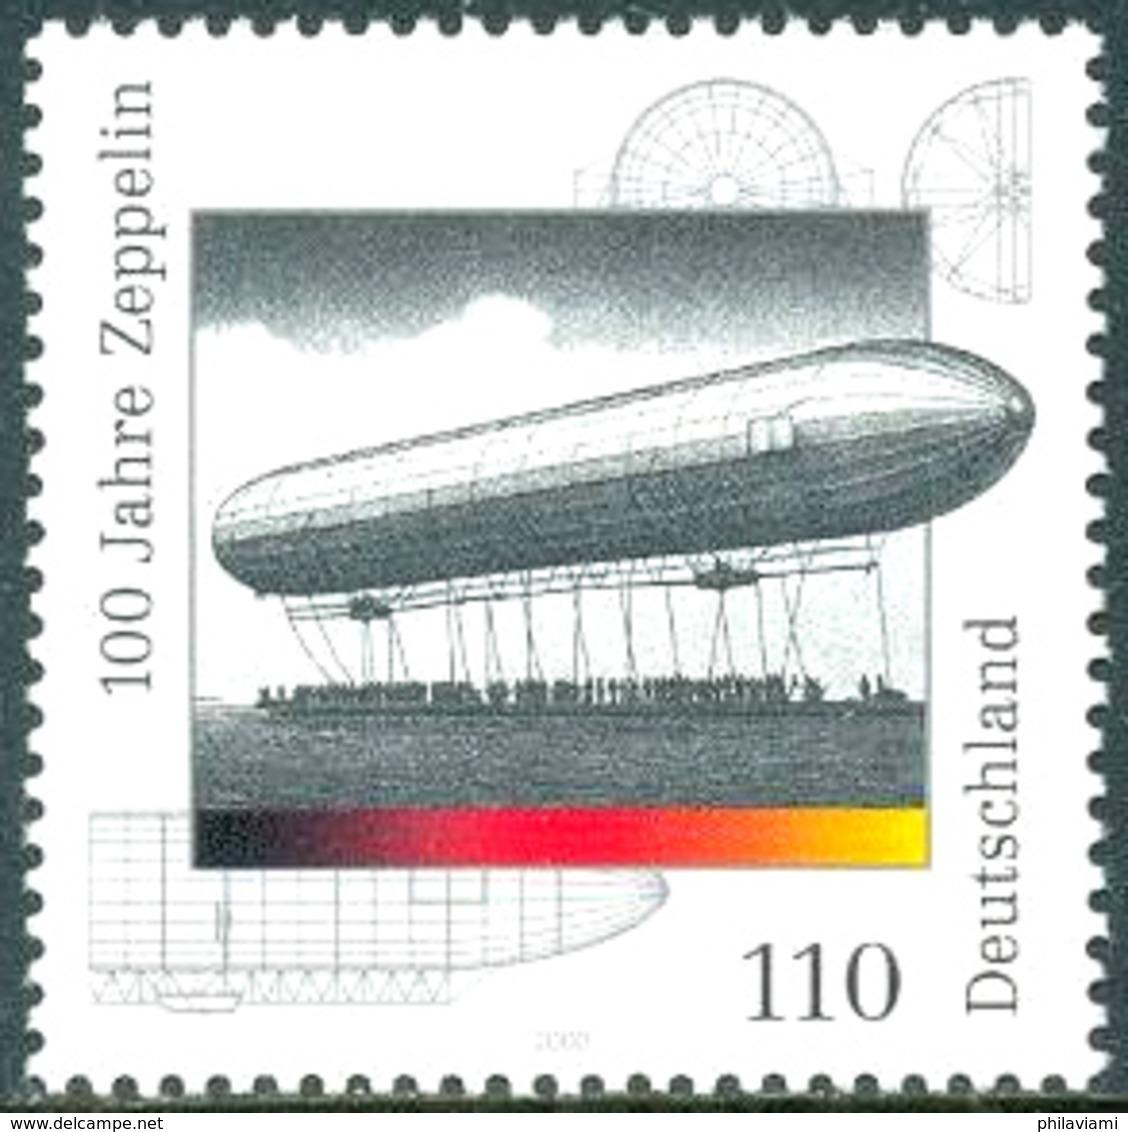 Allemagne  Germany Deutschland 2000 Cent Ans Zeppelin 100 Jahre 100 Years - Zeppelins